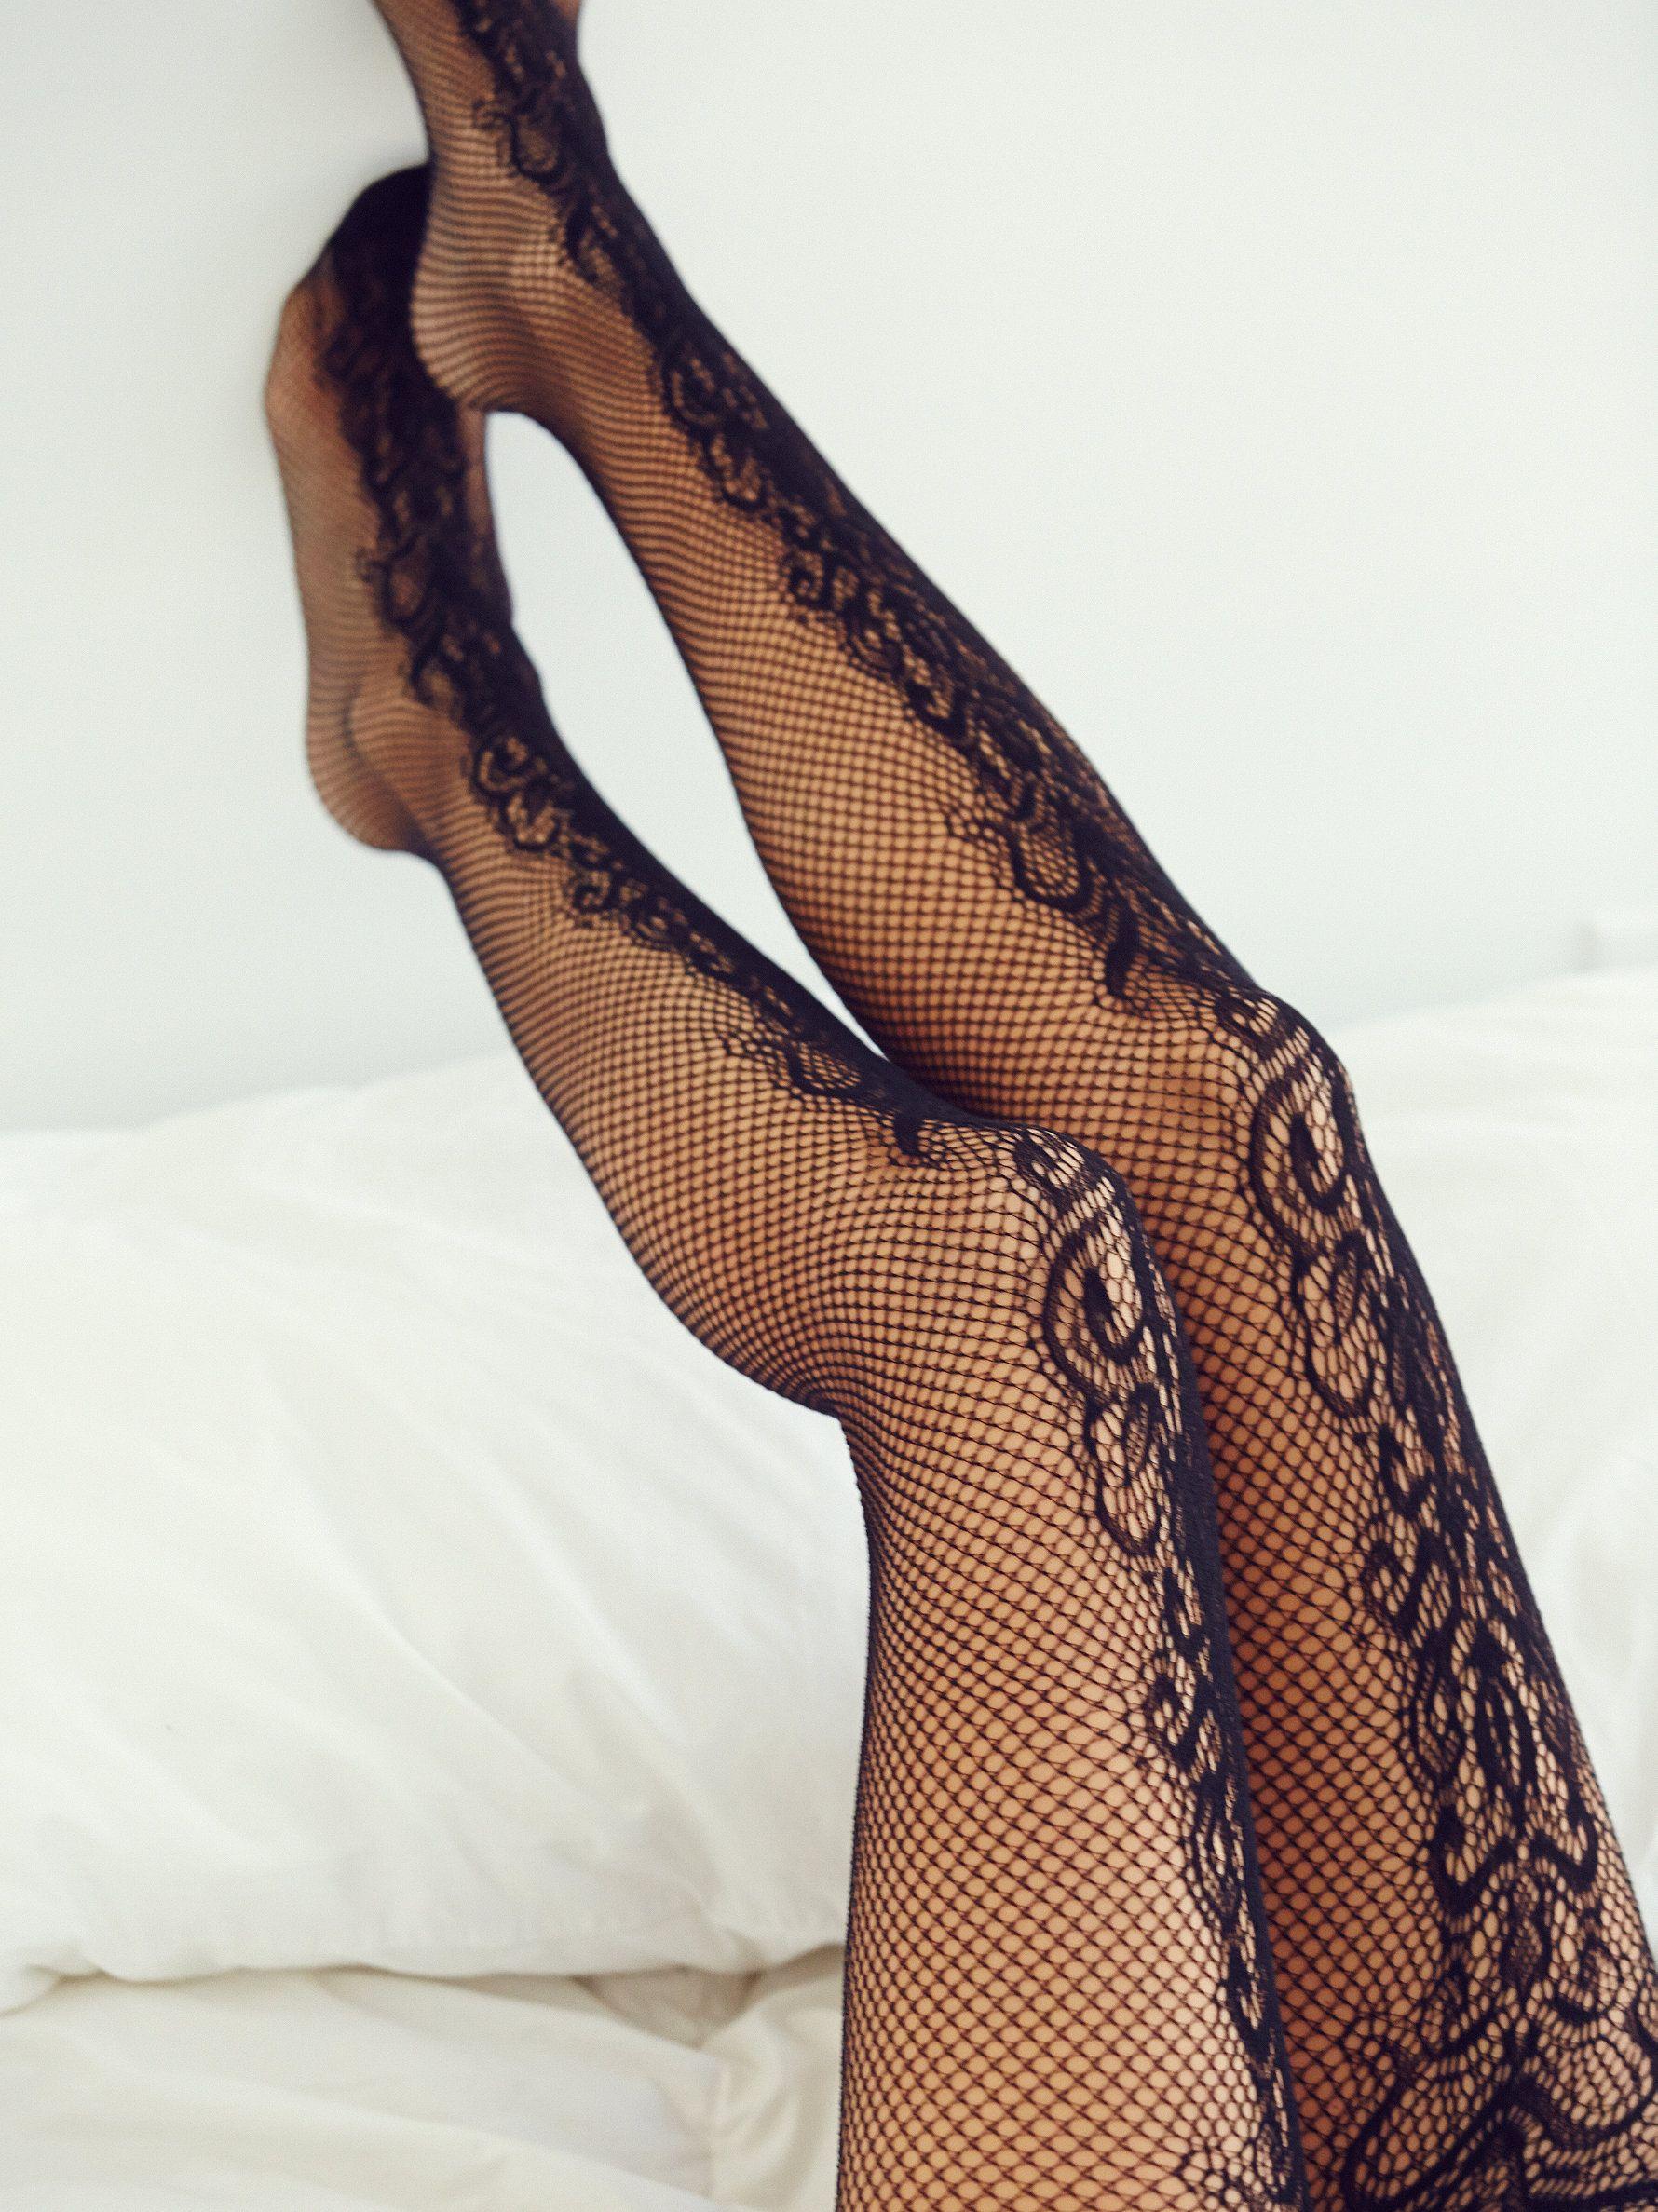 Women Lace Fischnetz Hollow Muster Strumpfhosen Strümpfe Unterwäsche YR